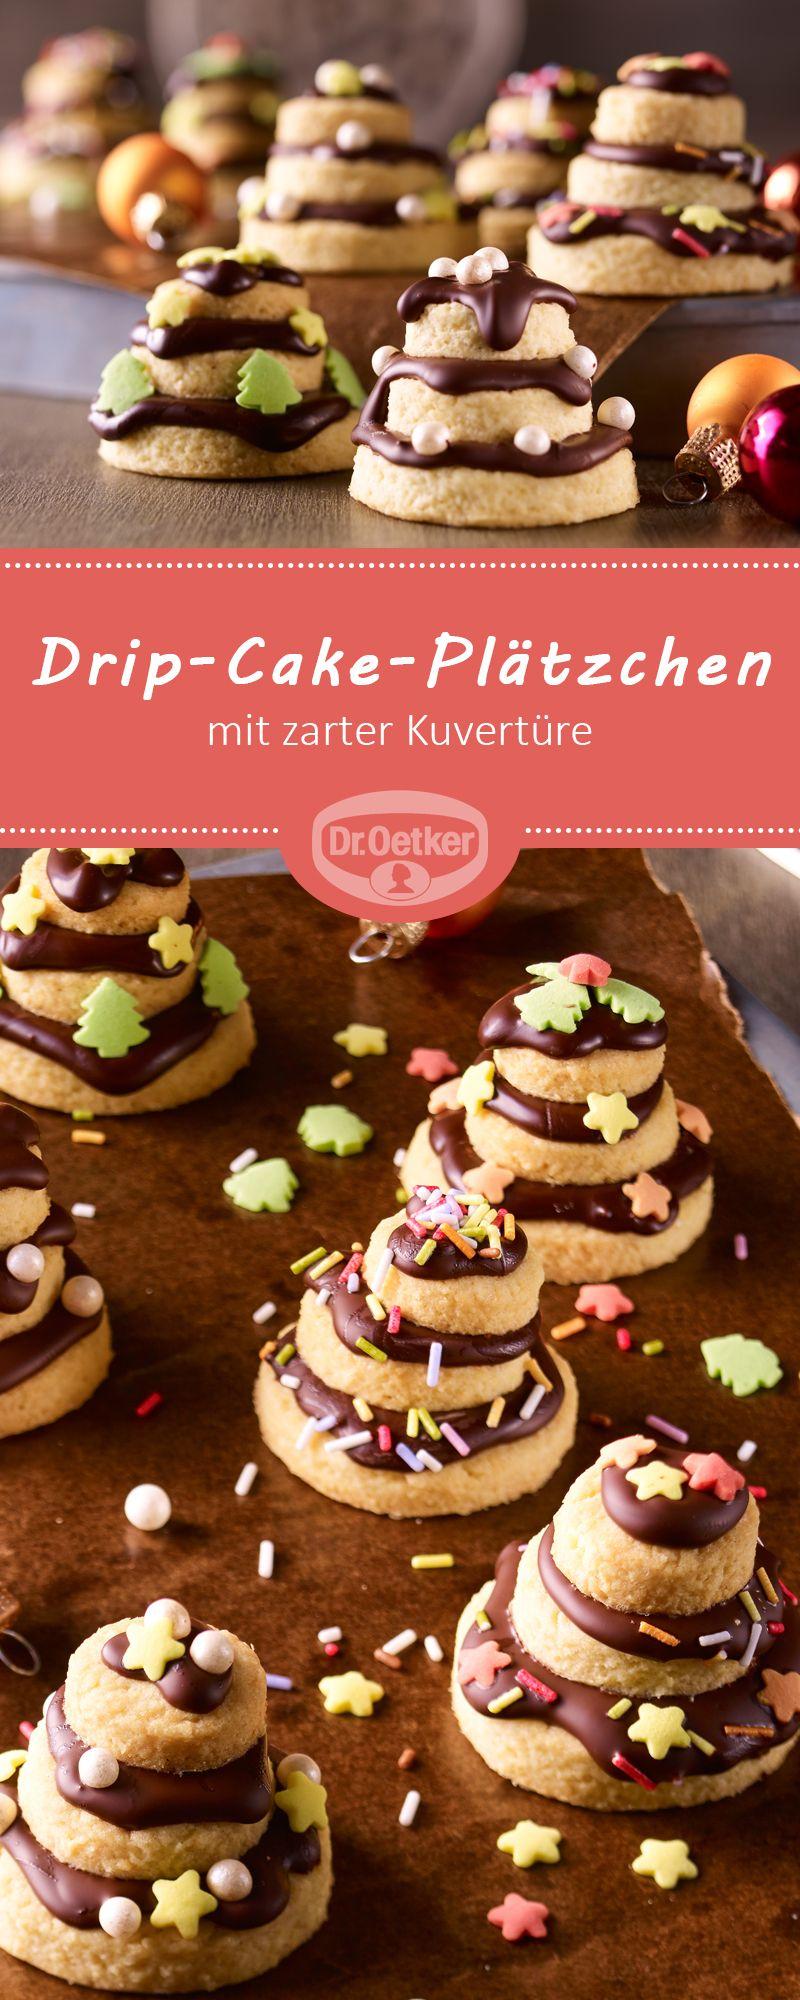 Weihnachtsplätzchen Backen Dr Oetker.Drip Cake Plätzchen